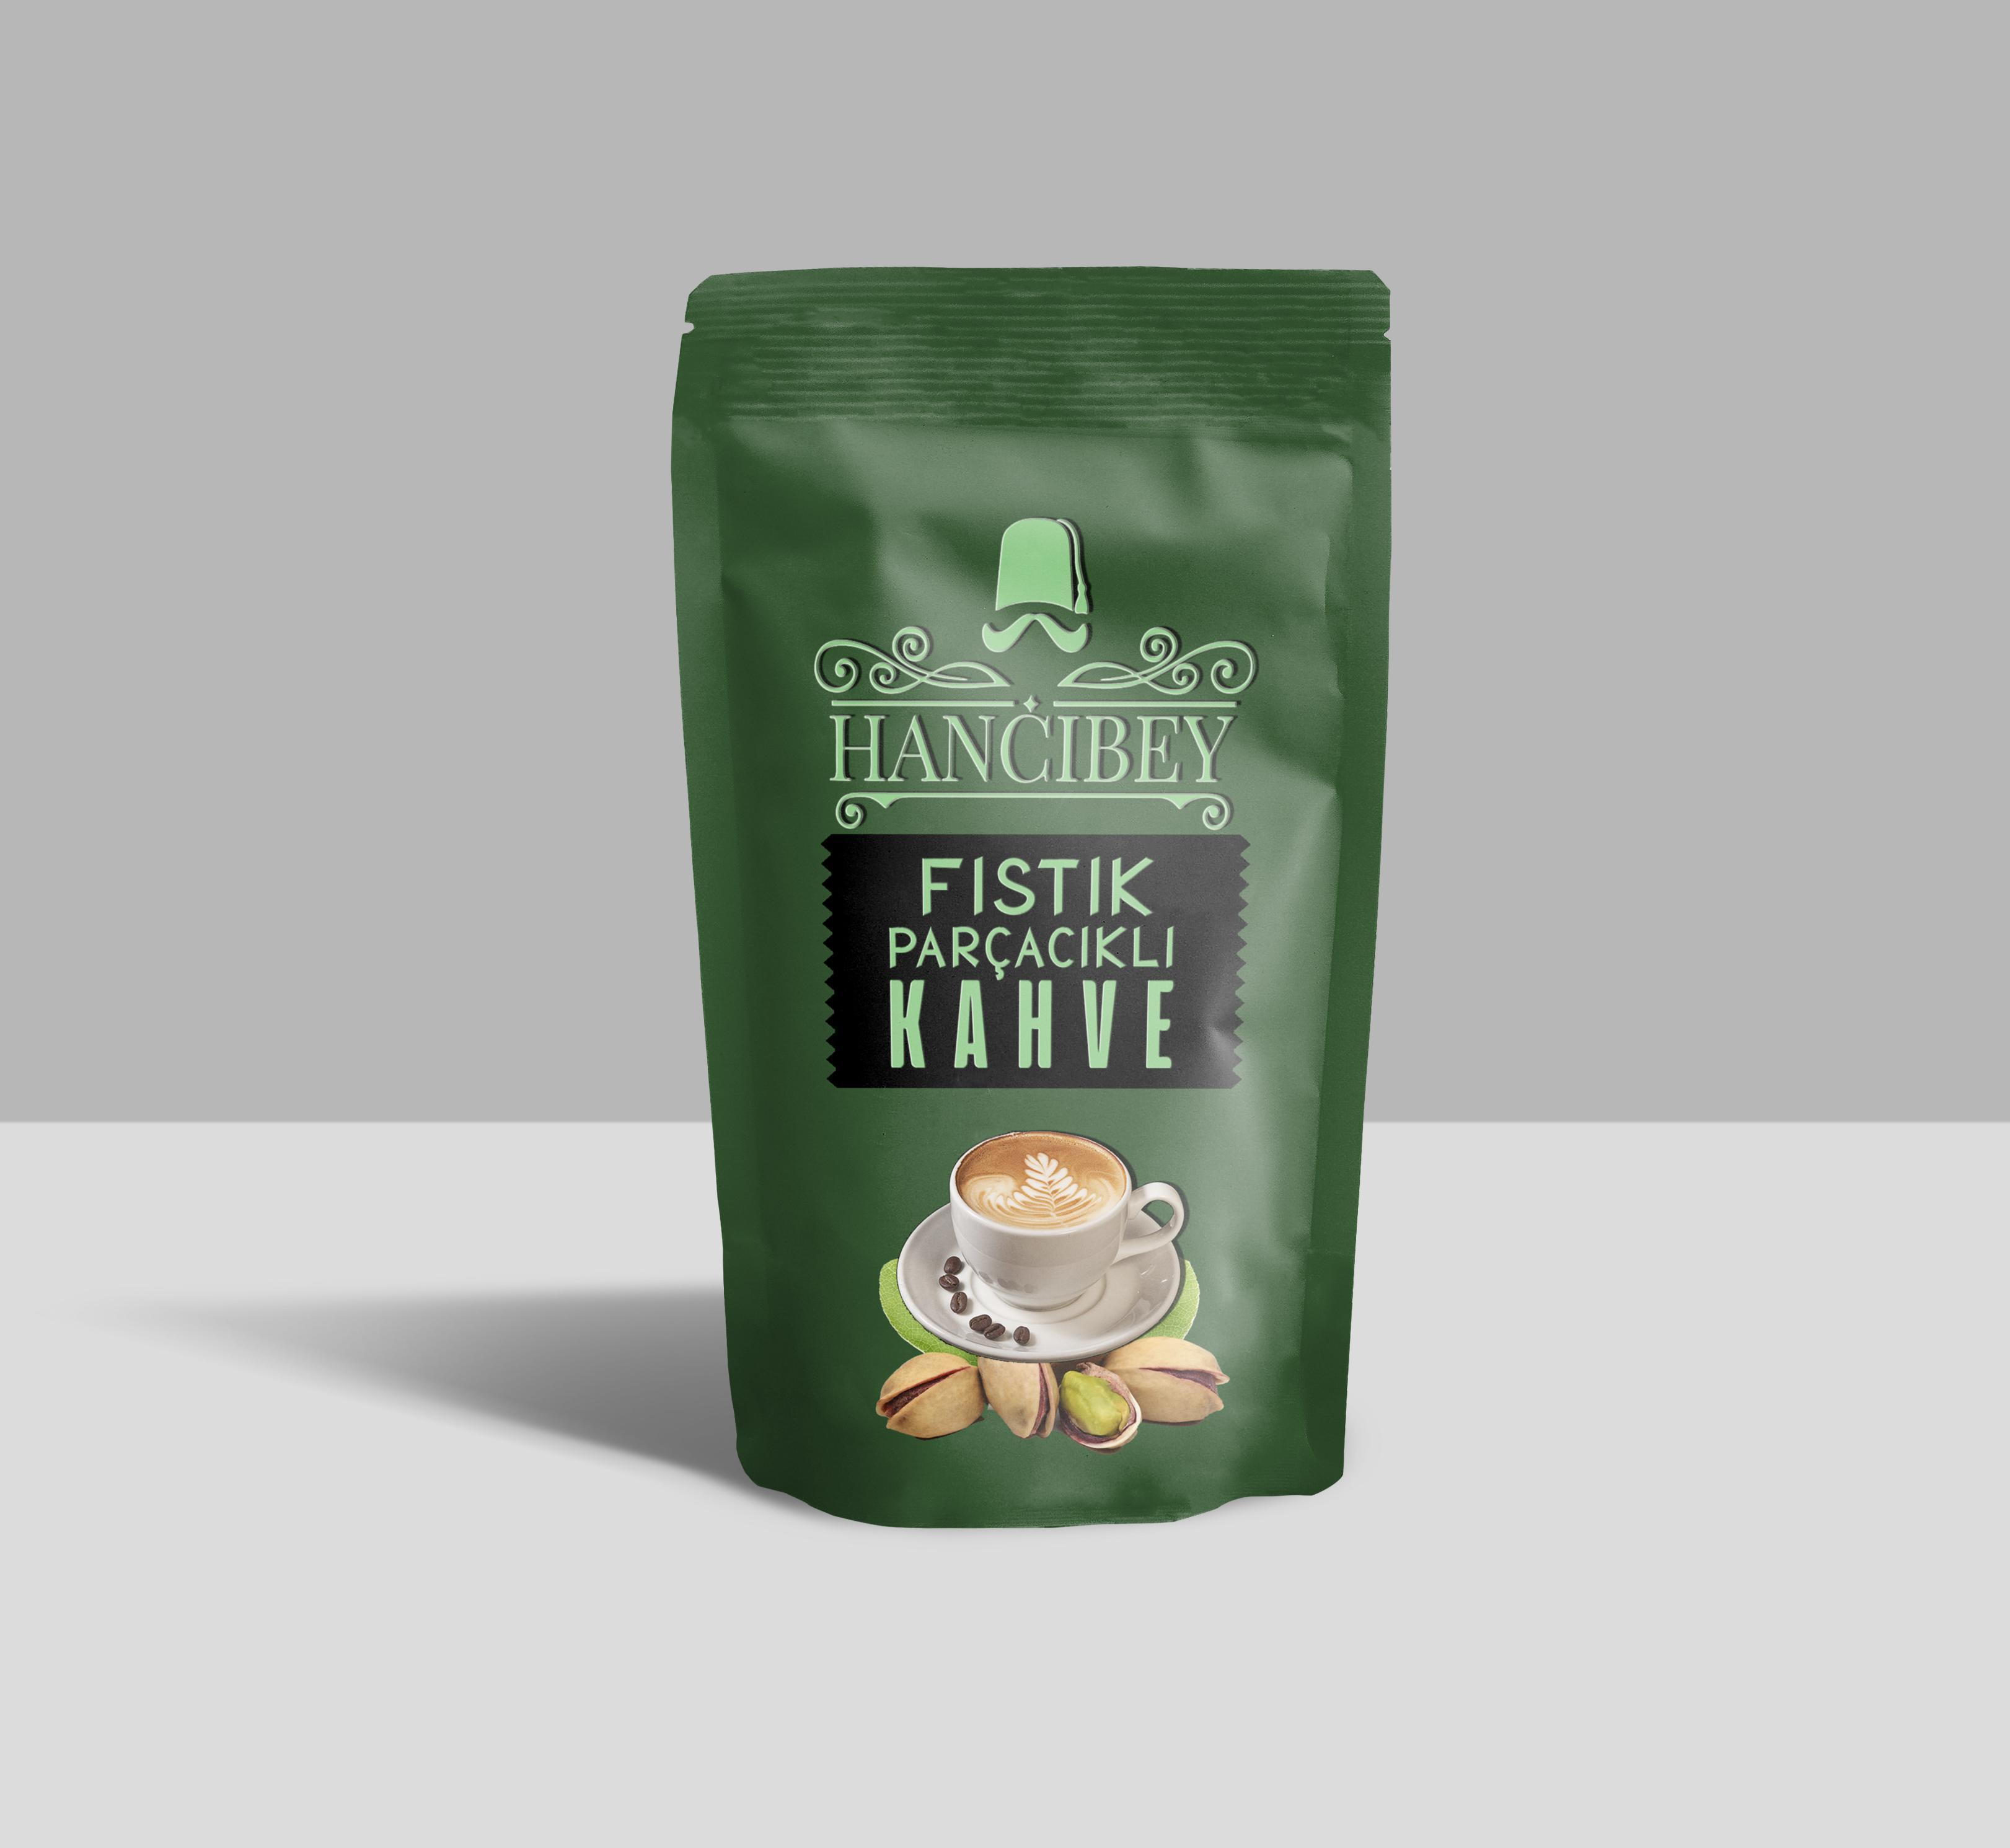 HANCIBEY Fıstık parçacıklı kahve 1 kg